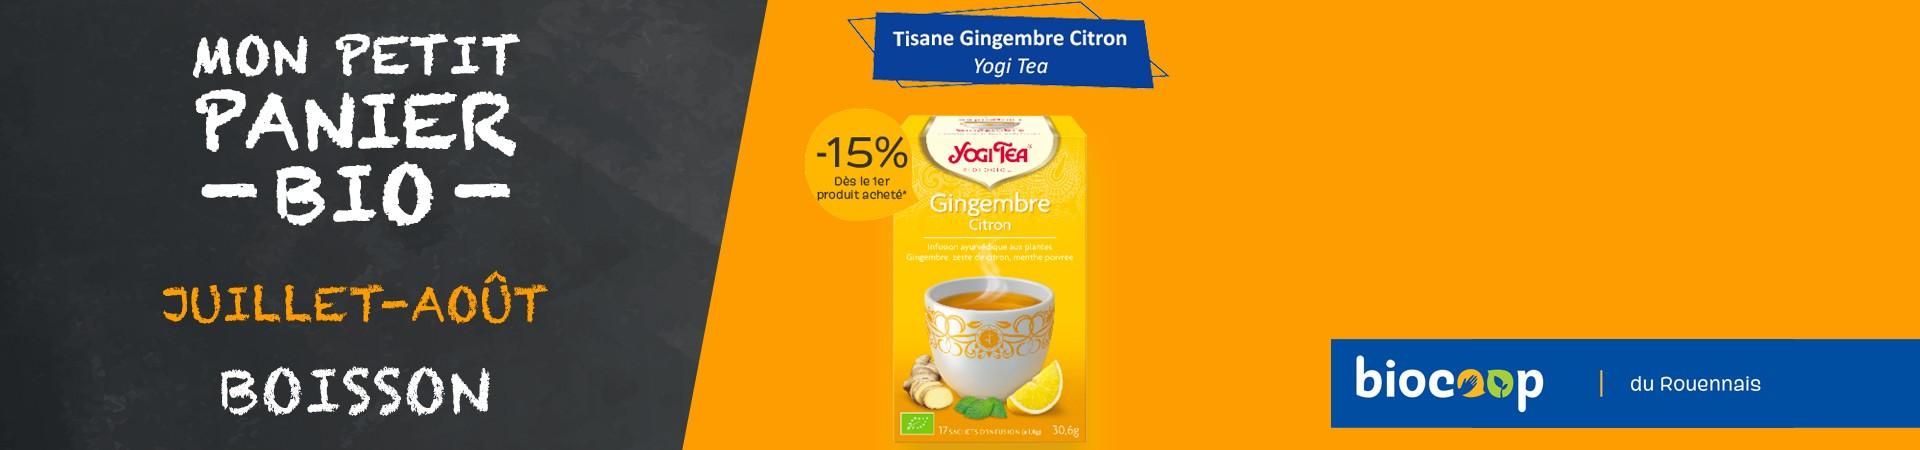 Tisane gingembre citron Yogi Tea